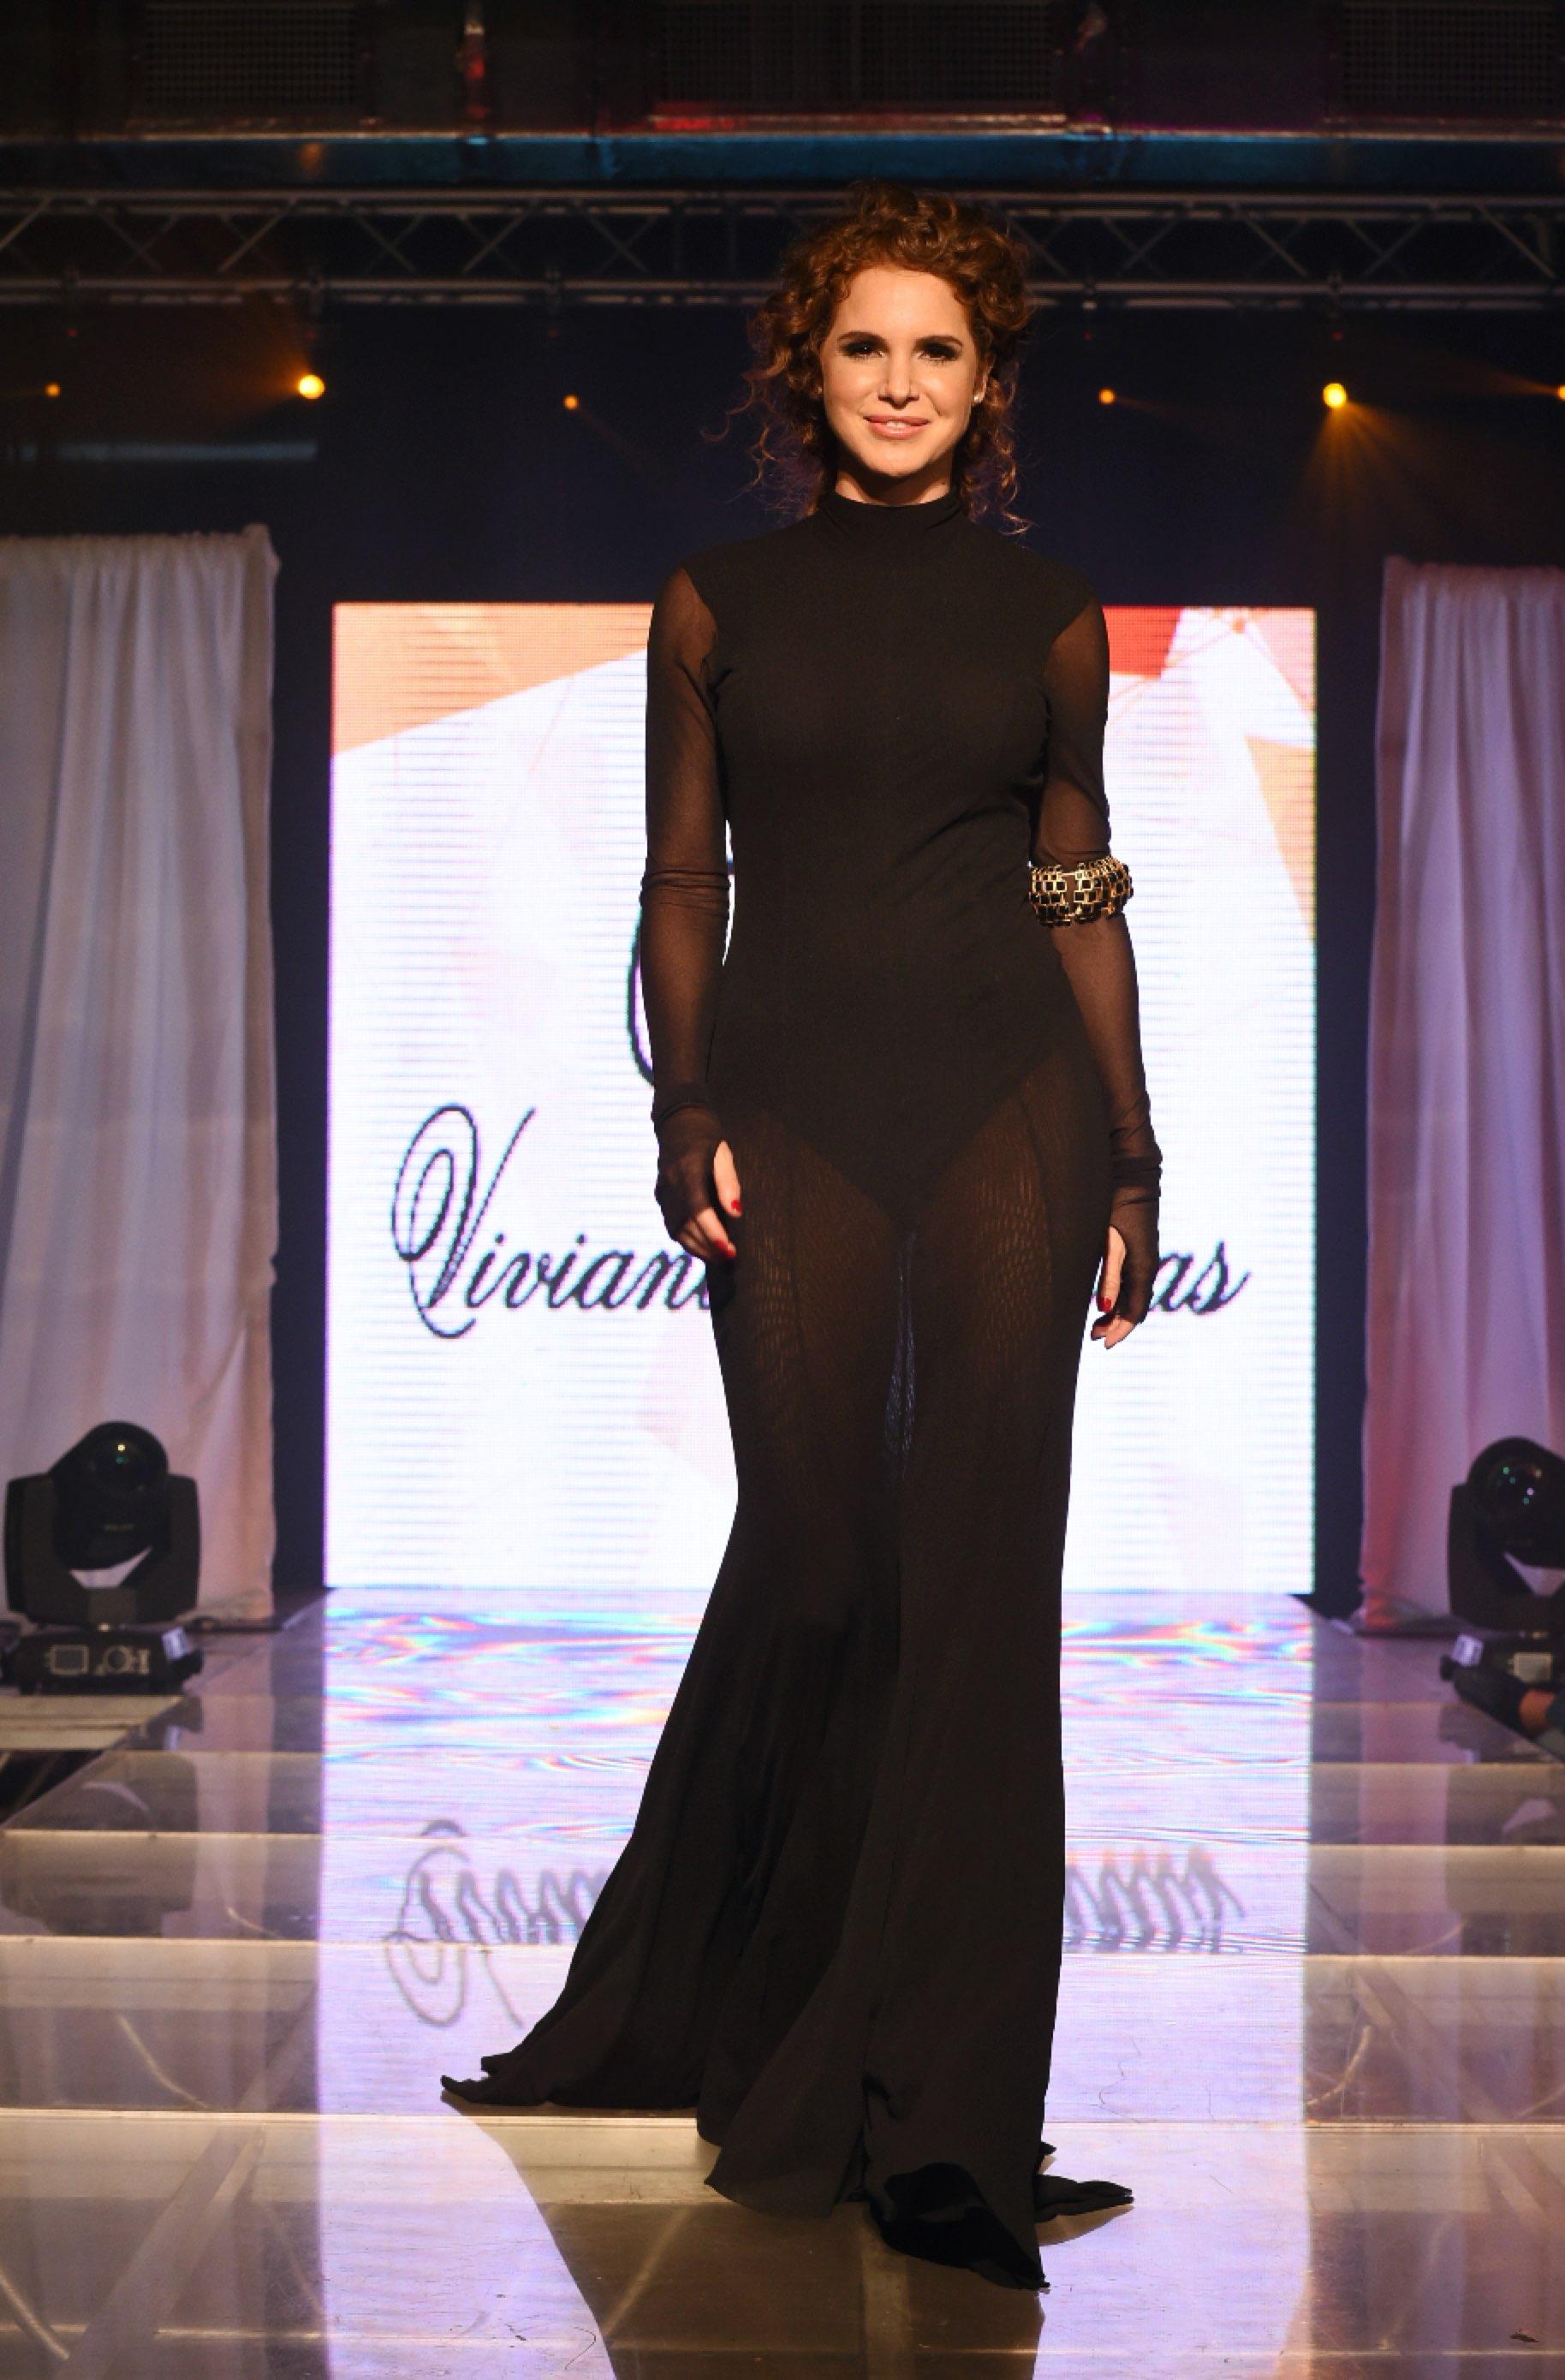 MHBF 2016 – Viviana Gabeiras – 7